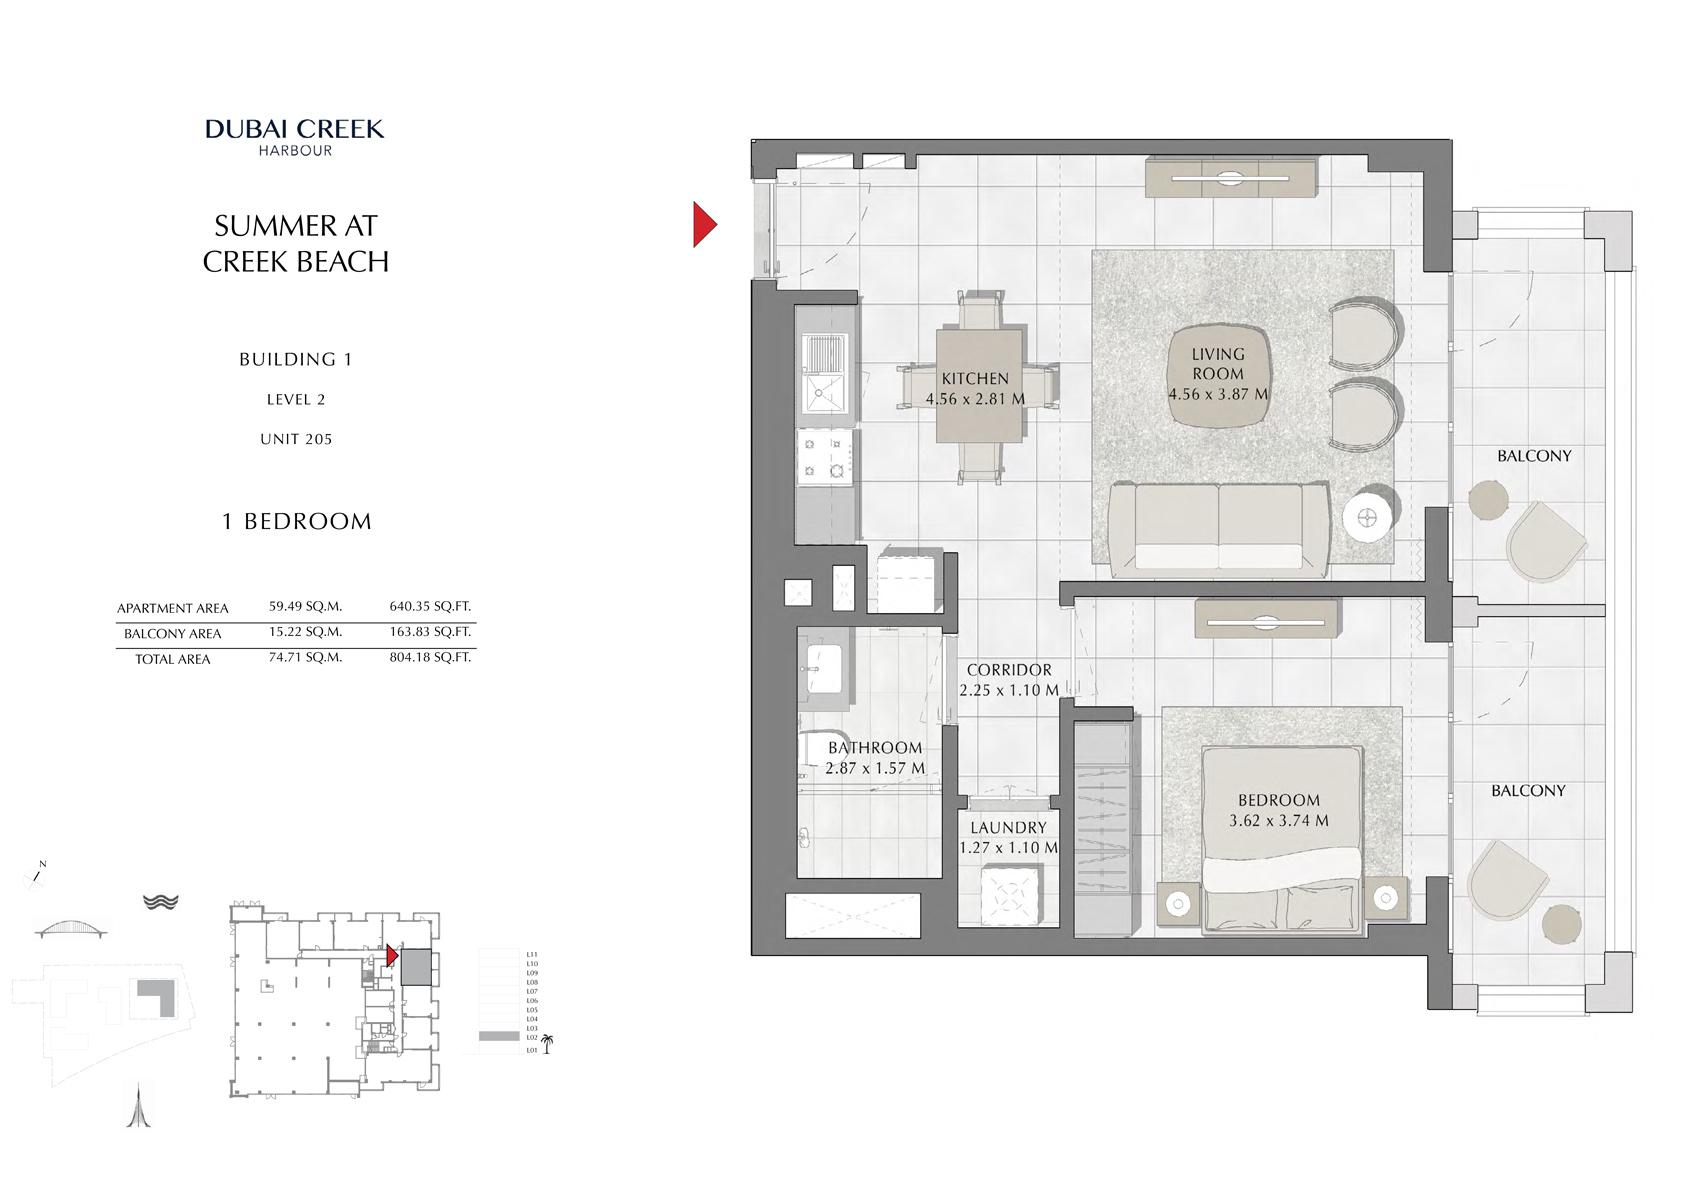 1 Br Building 1 Level 2 Unit 205, Size 804 Sq Ft